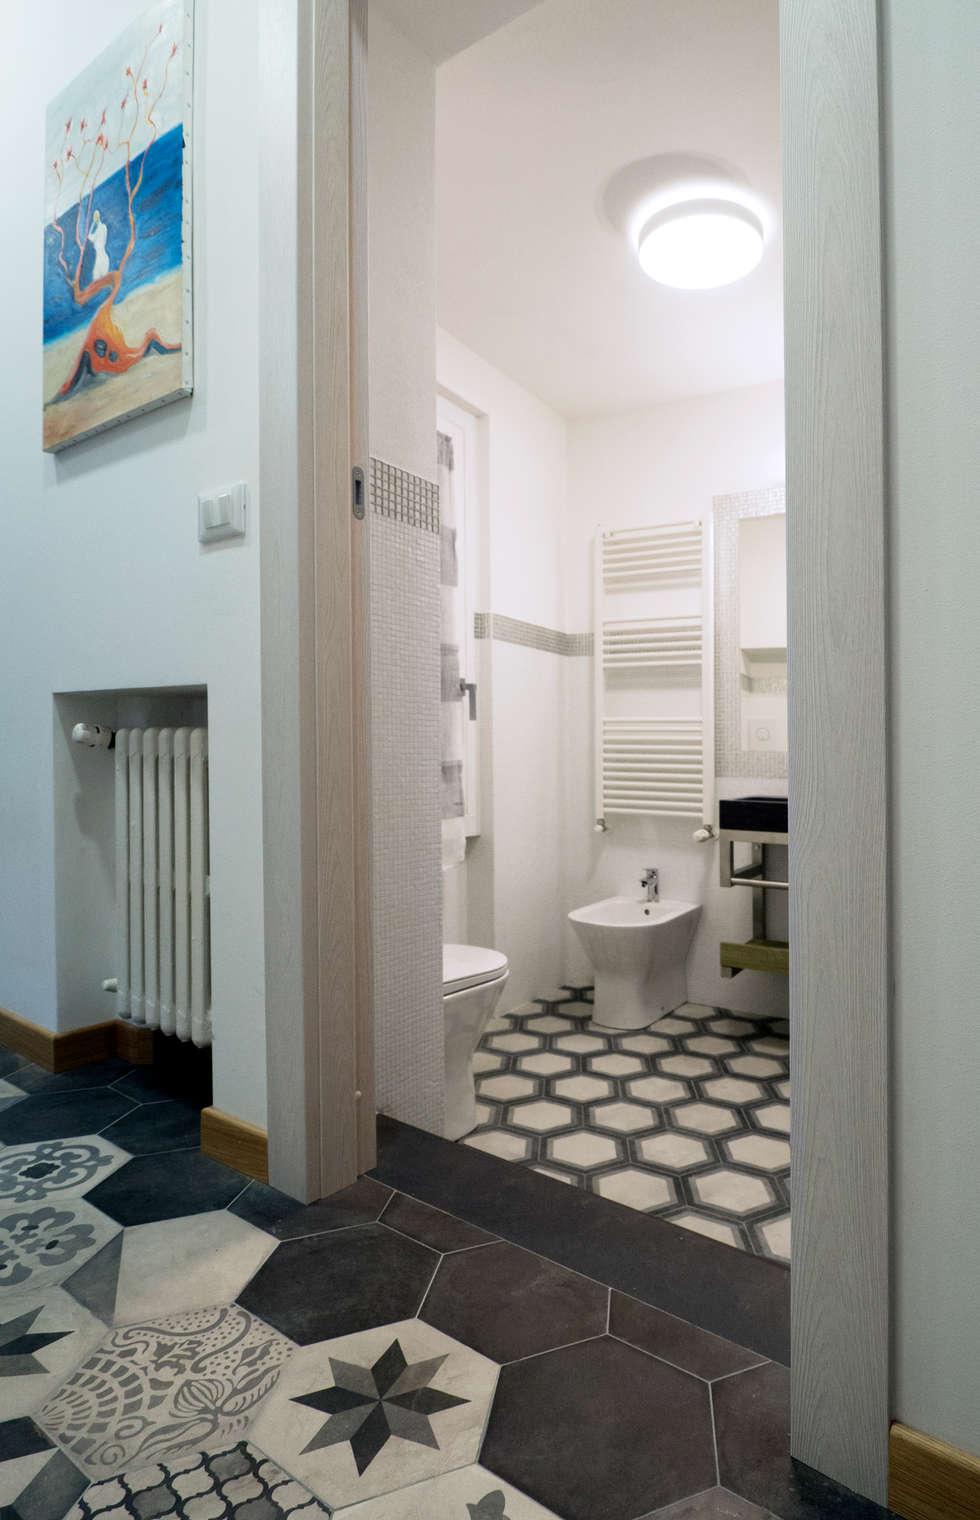 BAGNO COCOON: Bagno in stile in stile Eclettico di Luigi Brenna Architetto